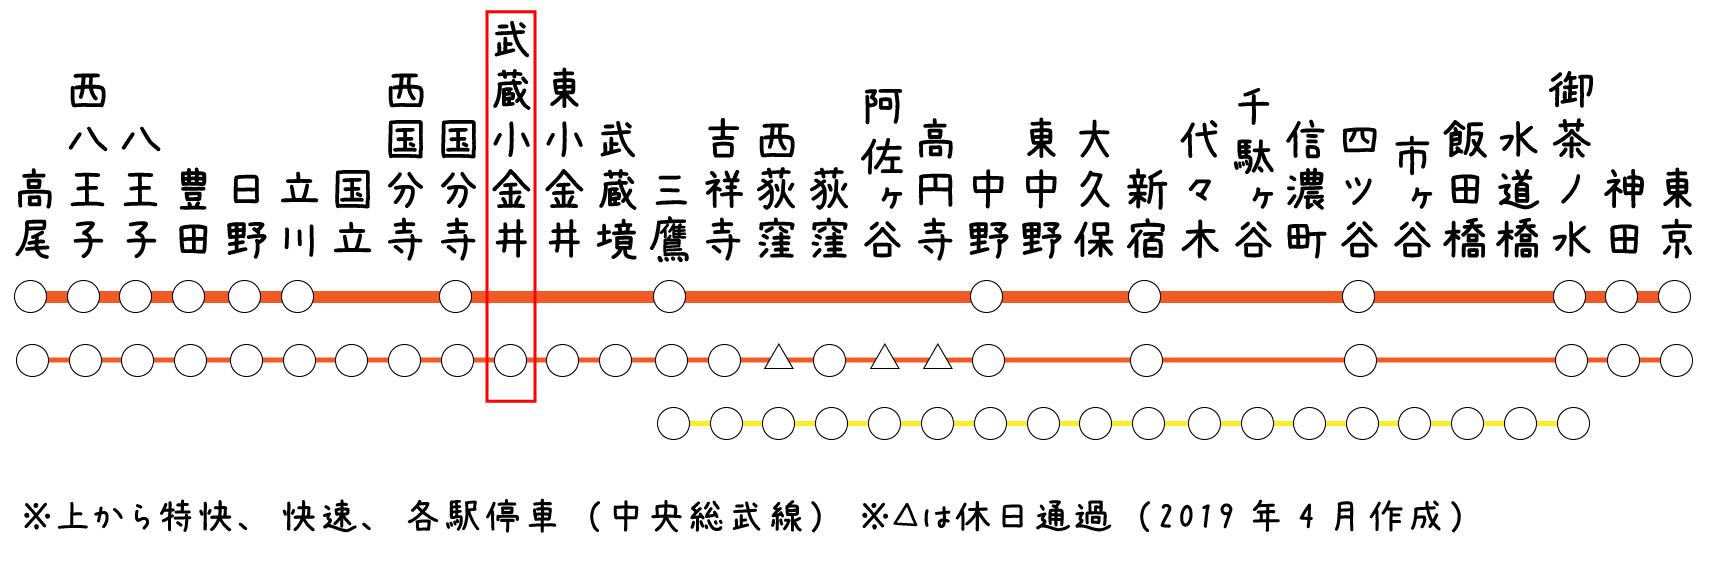 中央線で三鷹から3駅の武蔵小金井。吉祥寺と立川のちょうど真ん中の駅です。